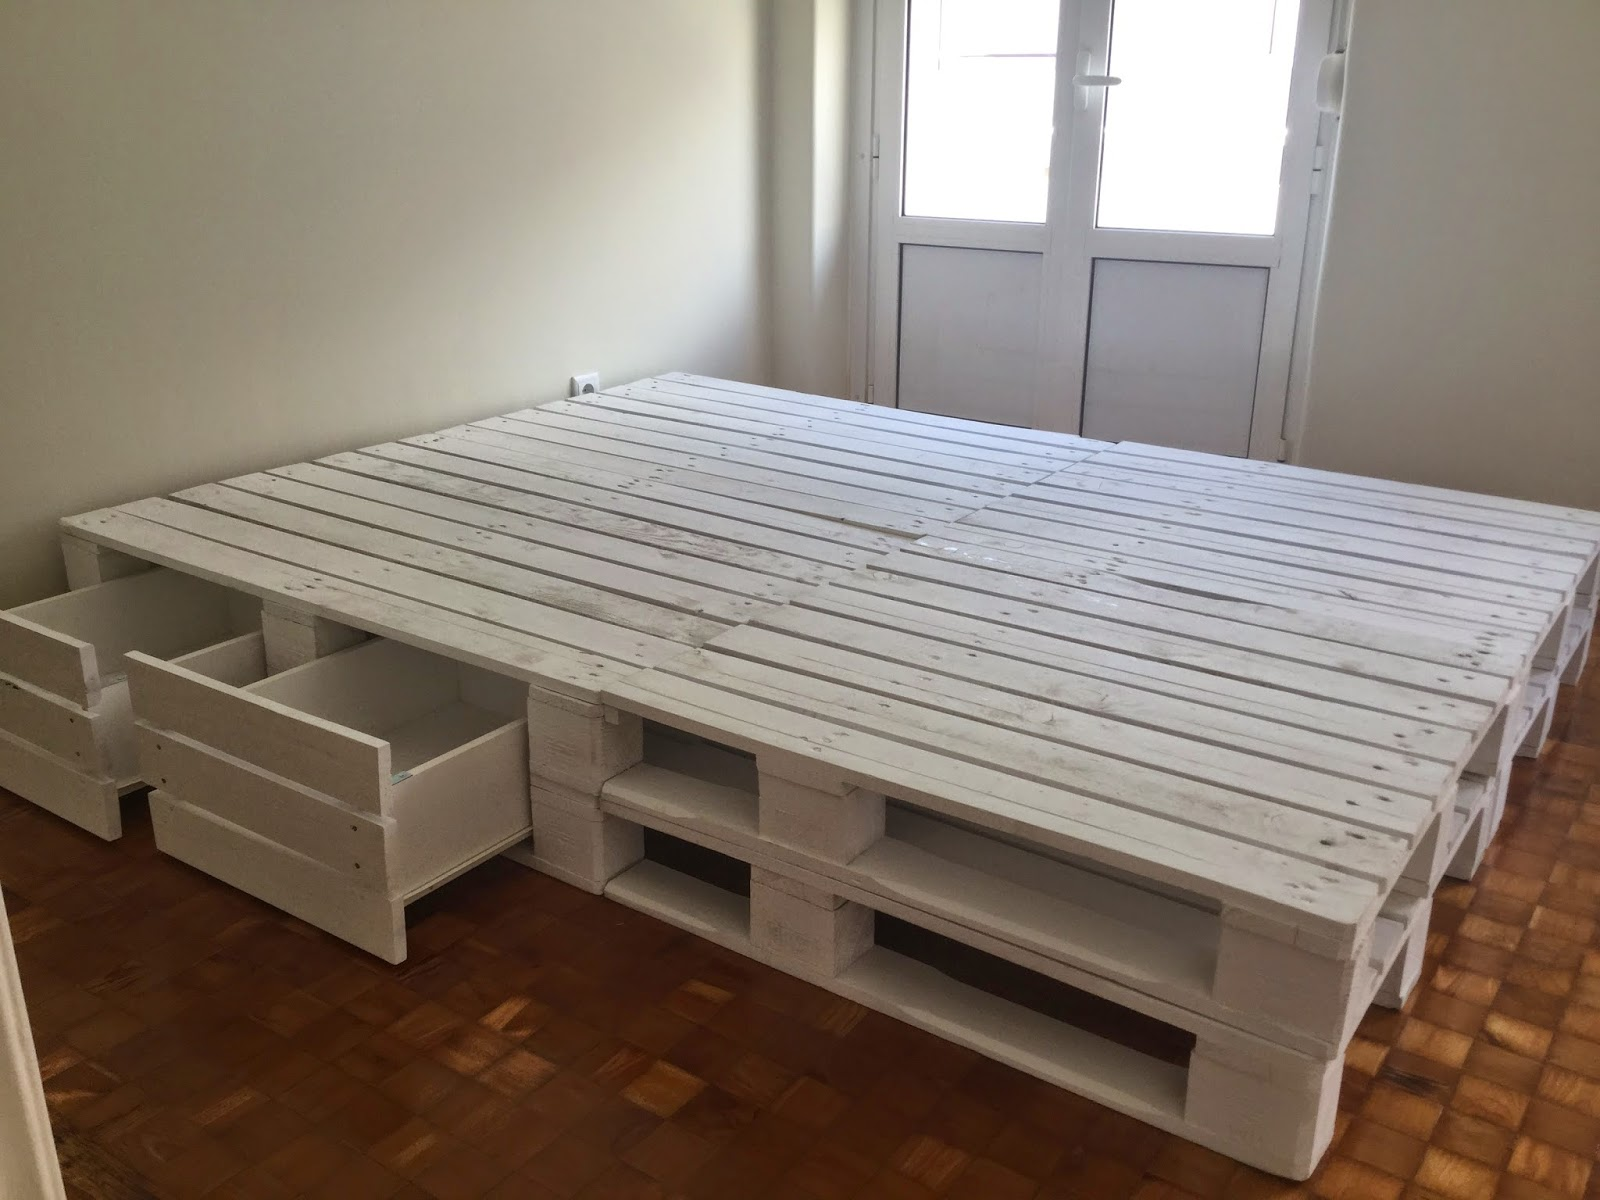 Oficina da madeira cama com gavetas paletes for Cama oficina